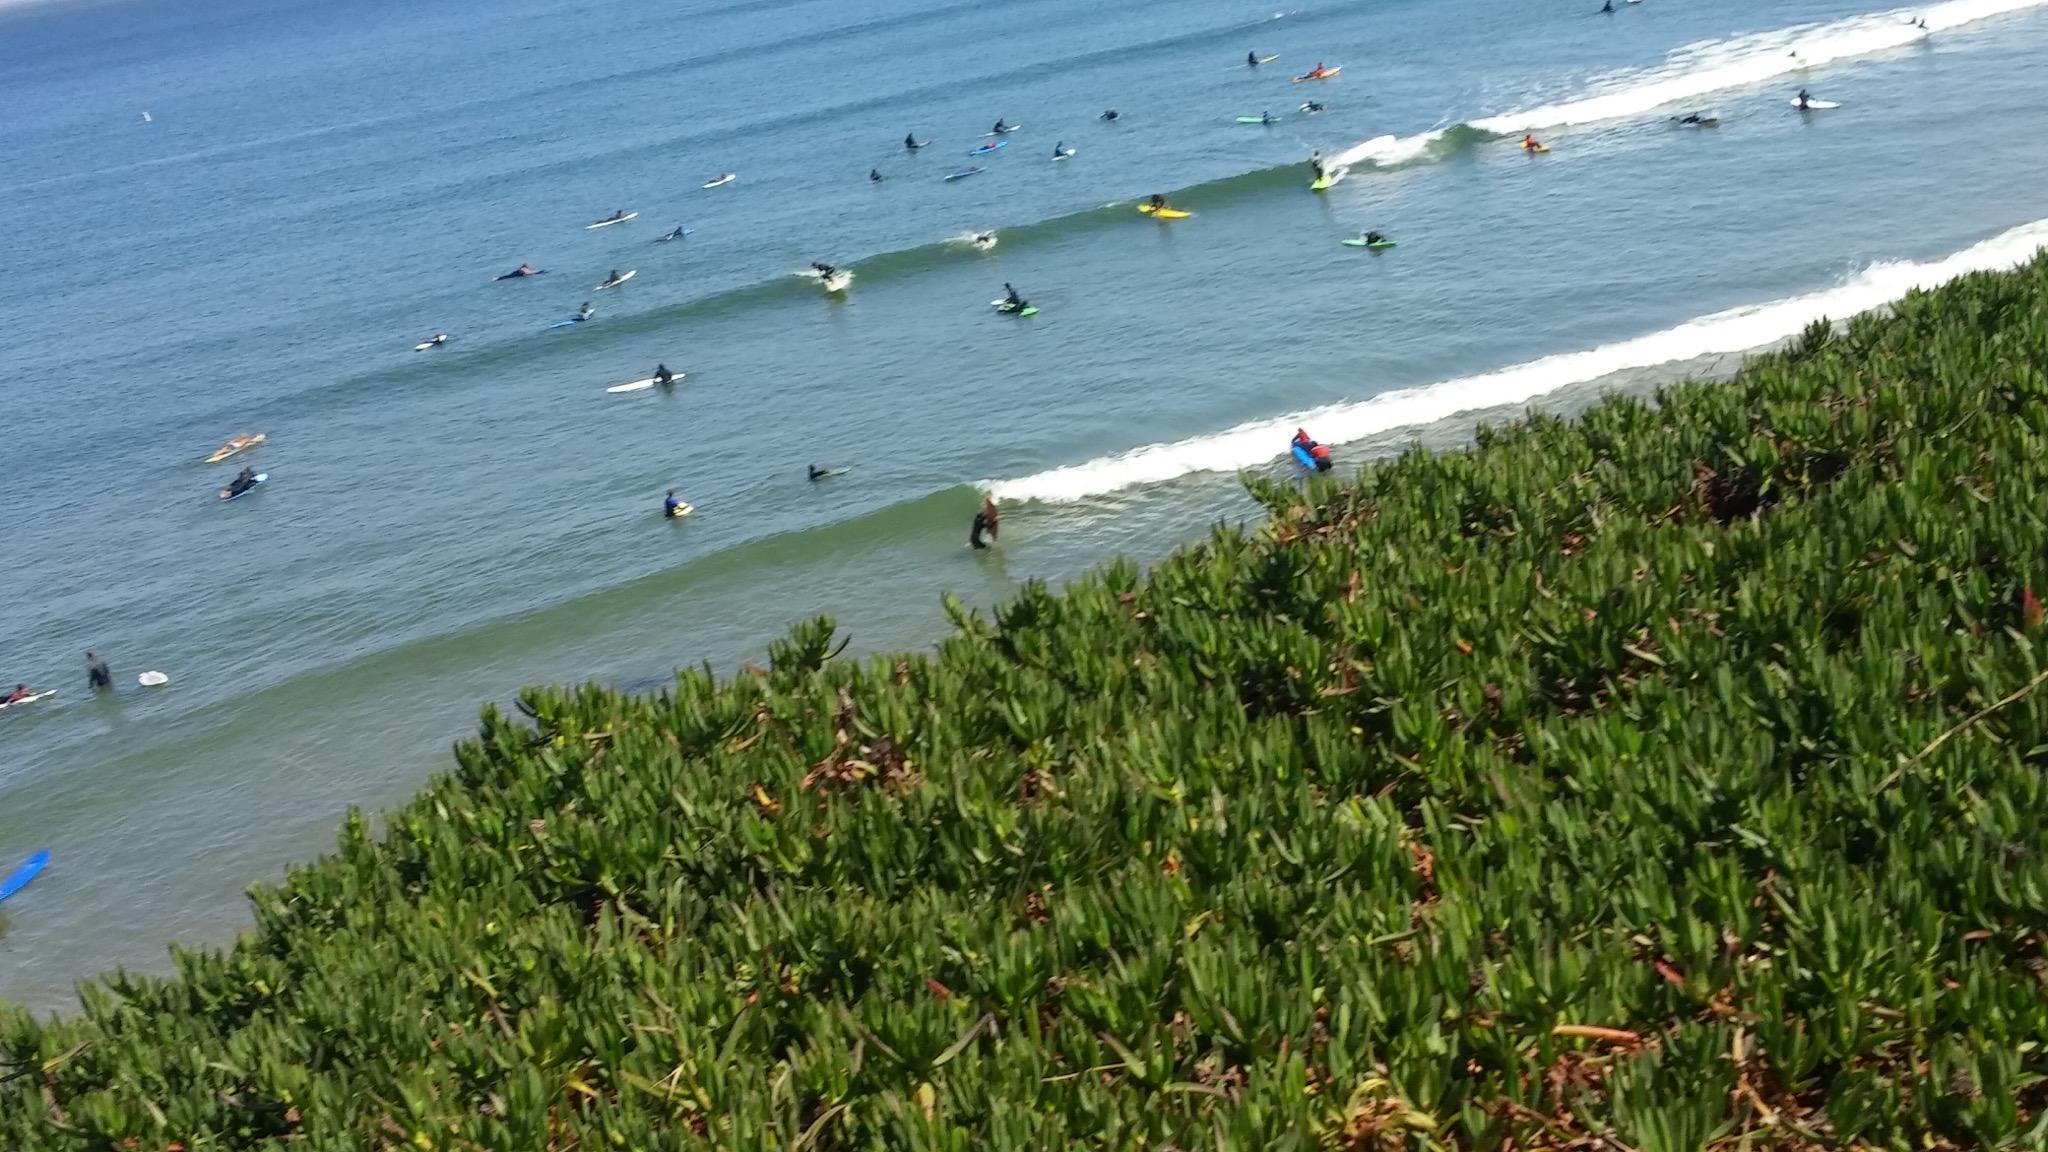 Some Santa Cruz surfing.